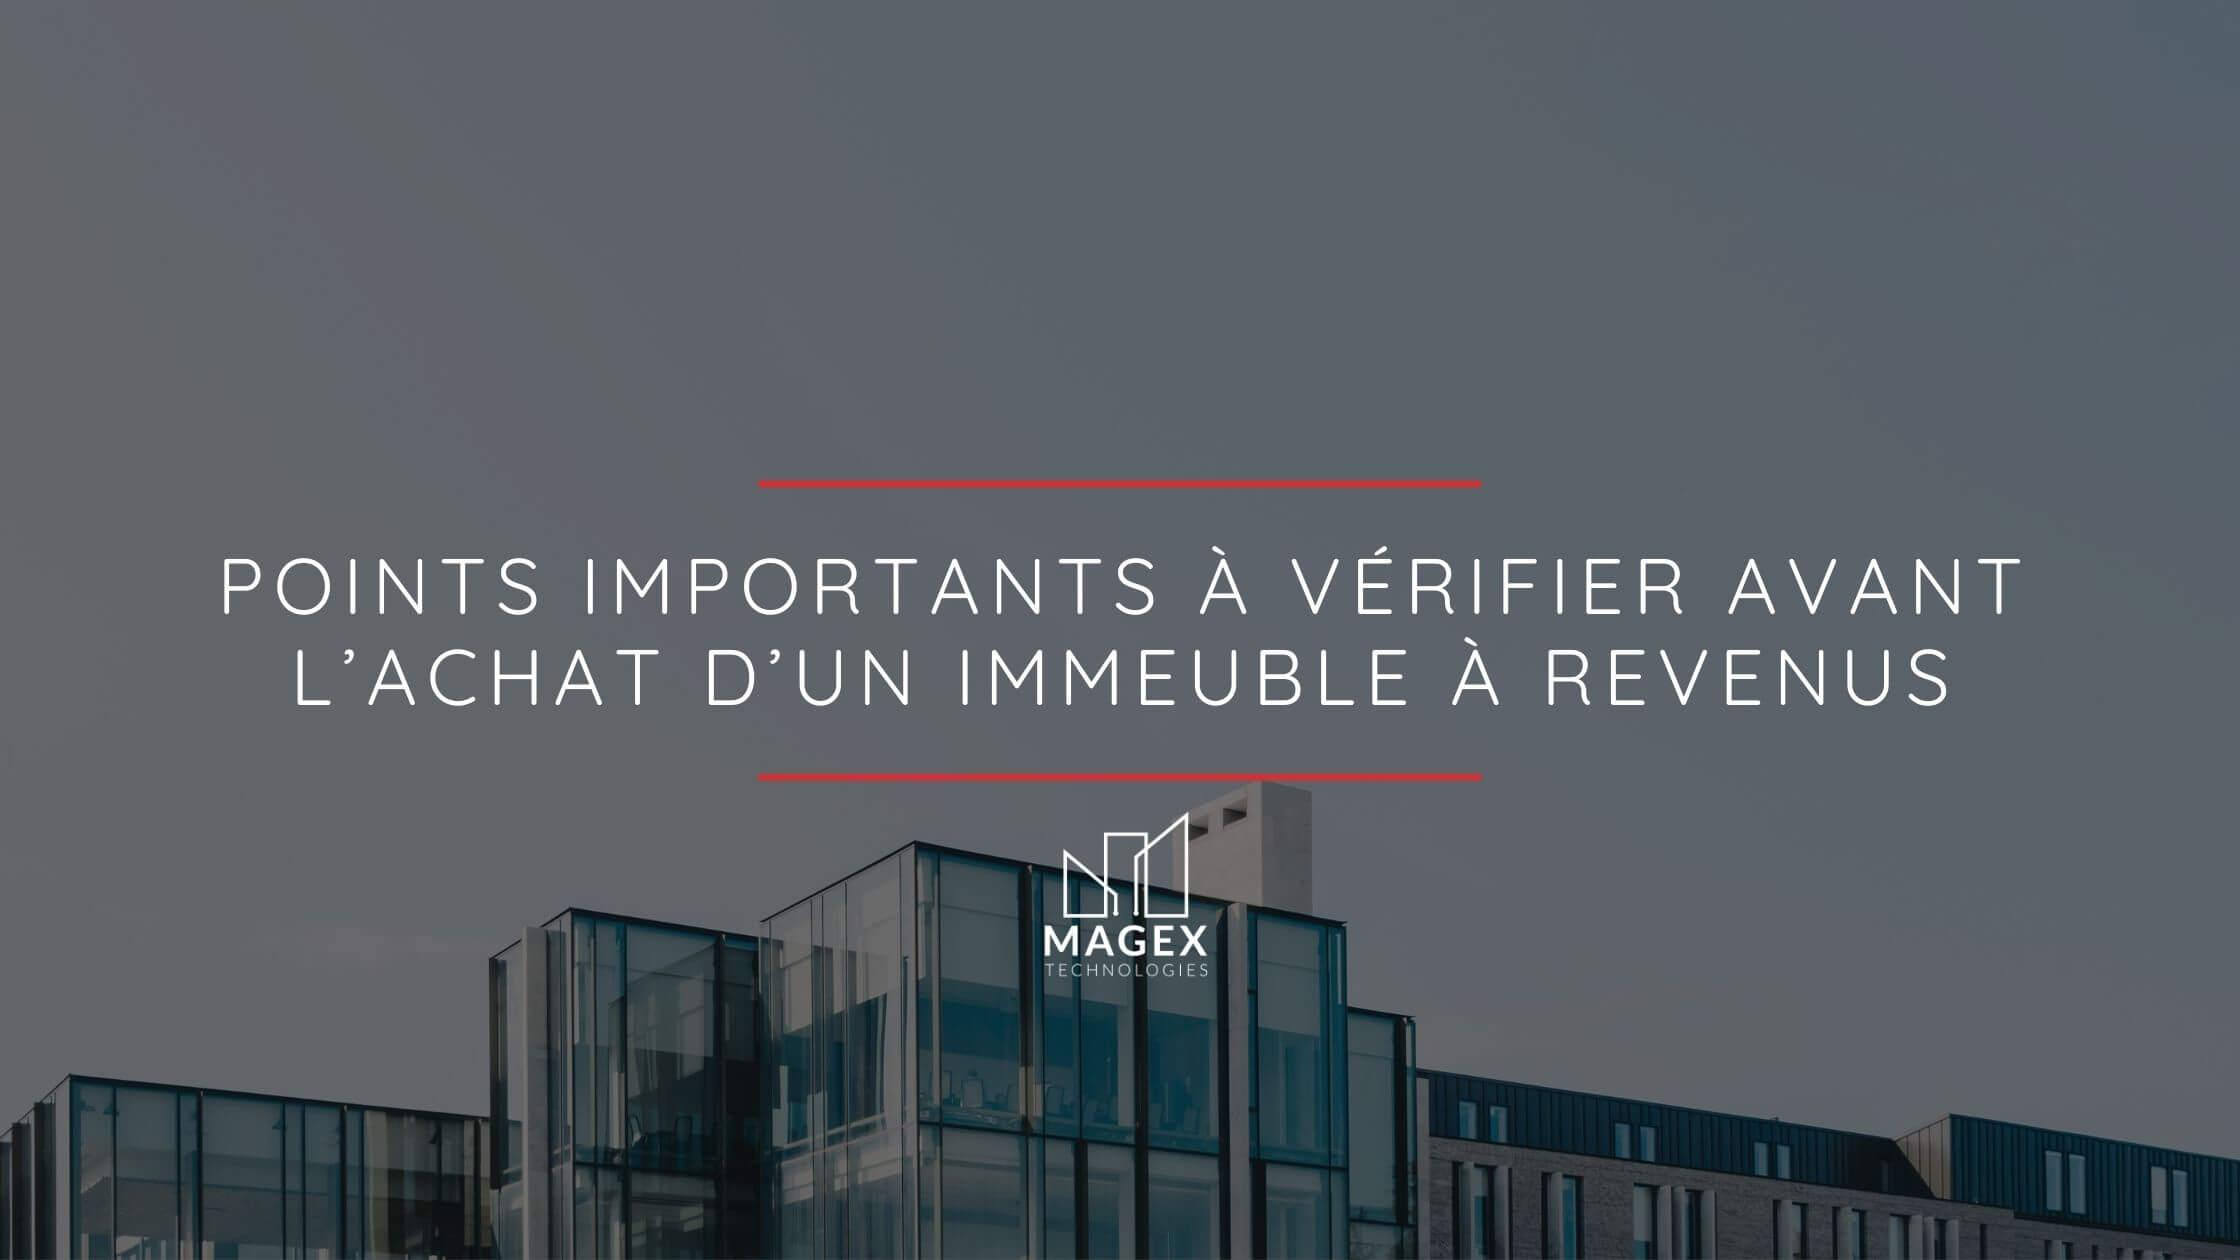 Points importants à vérifier avant l'achat d'un immeuble à revenus